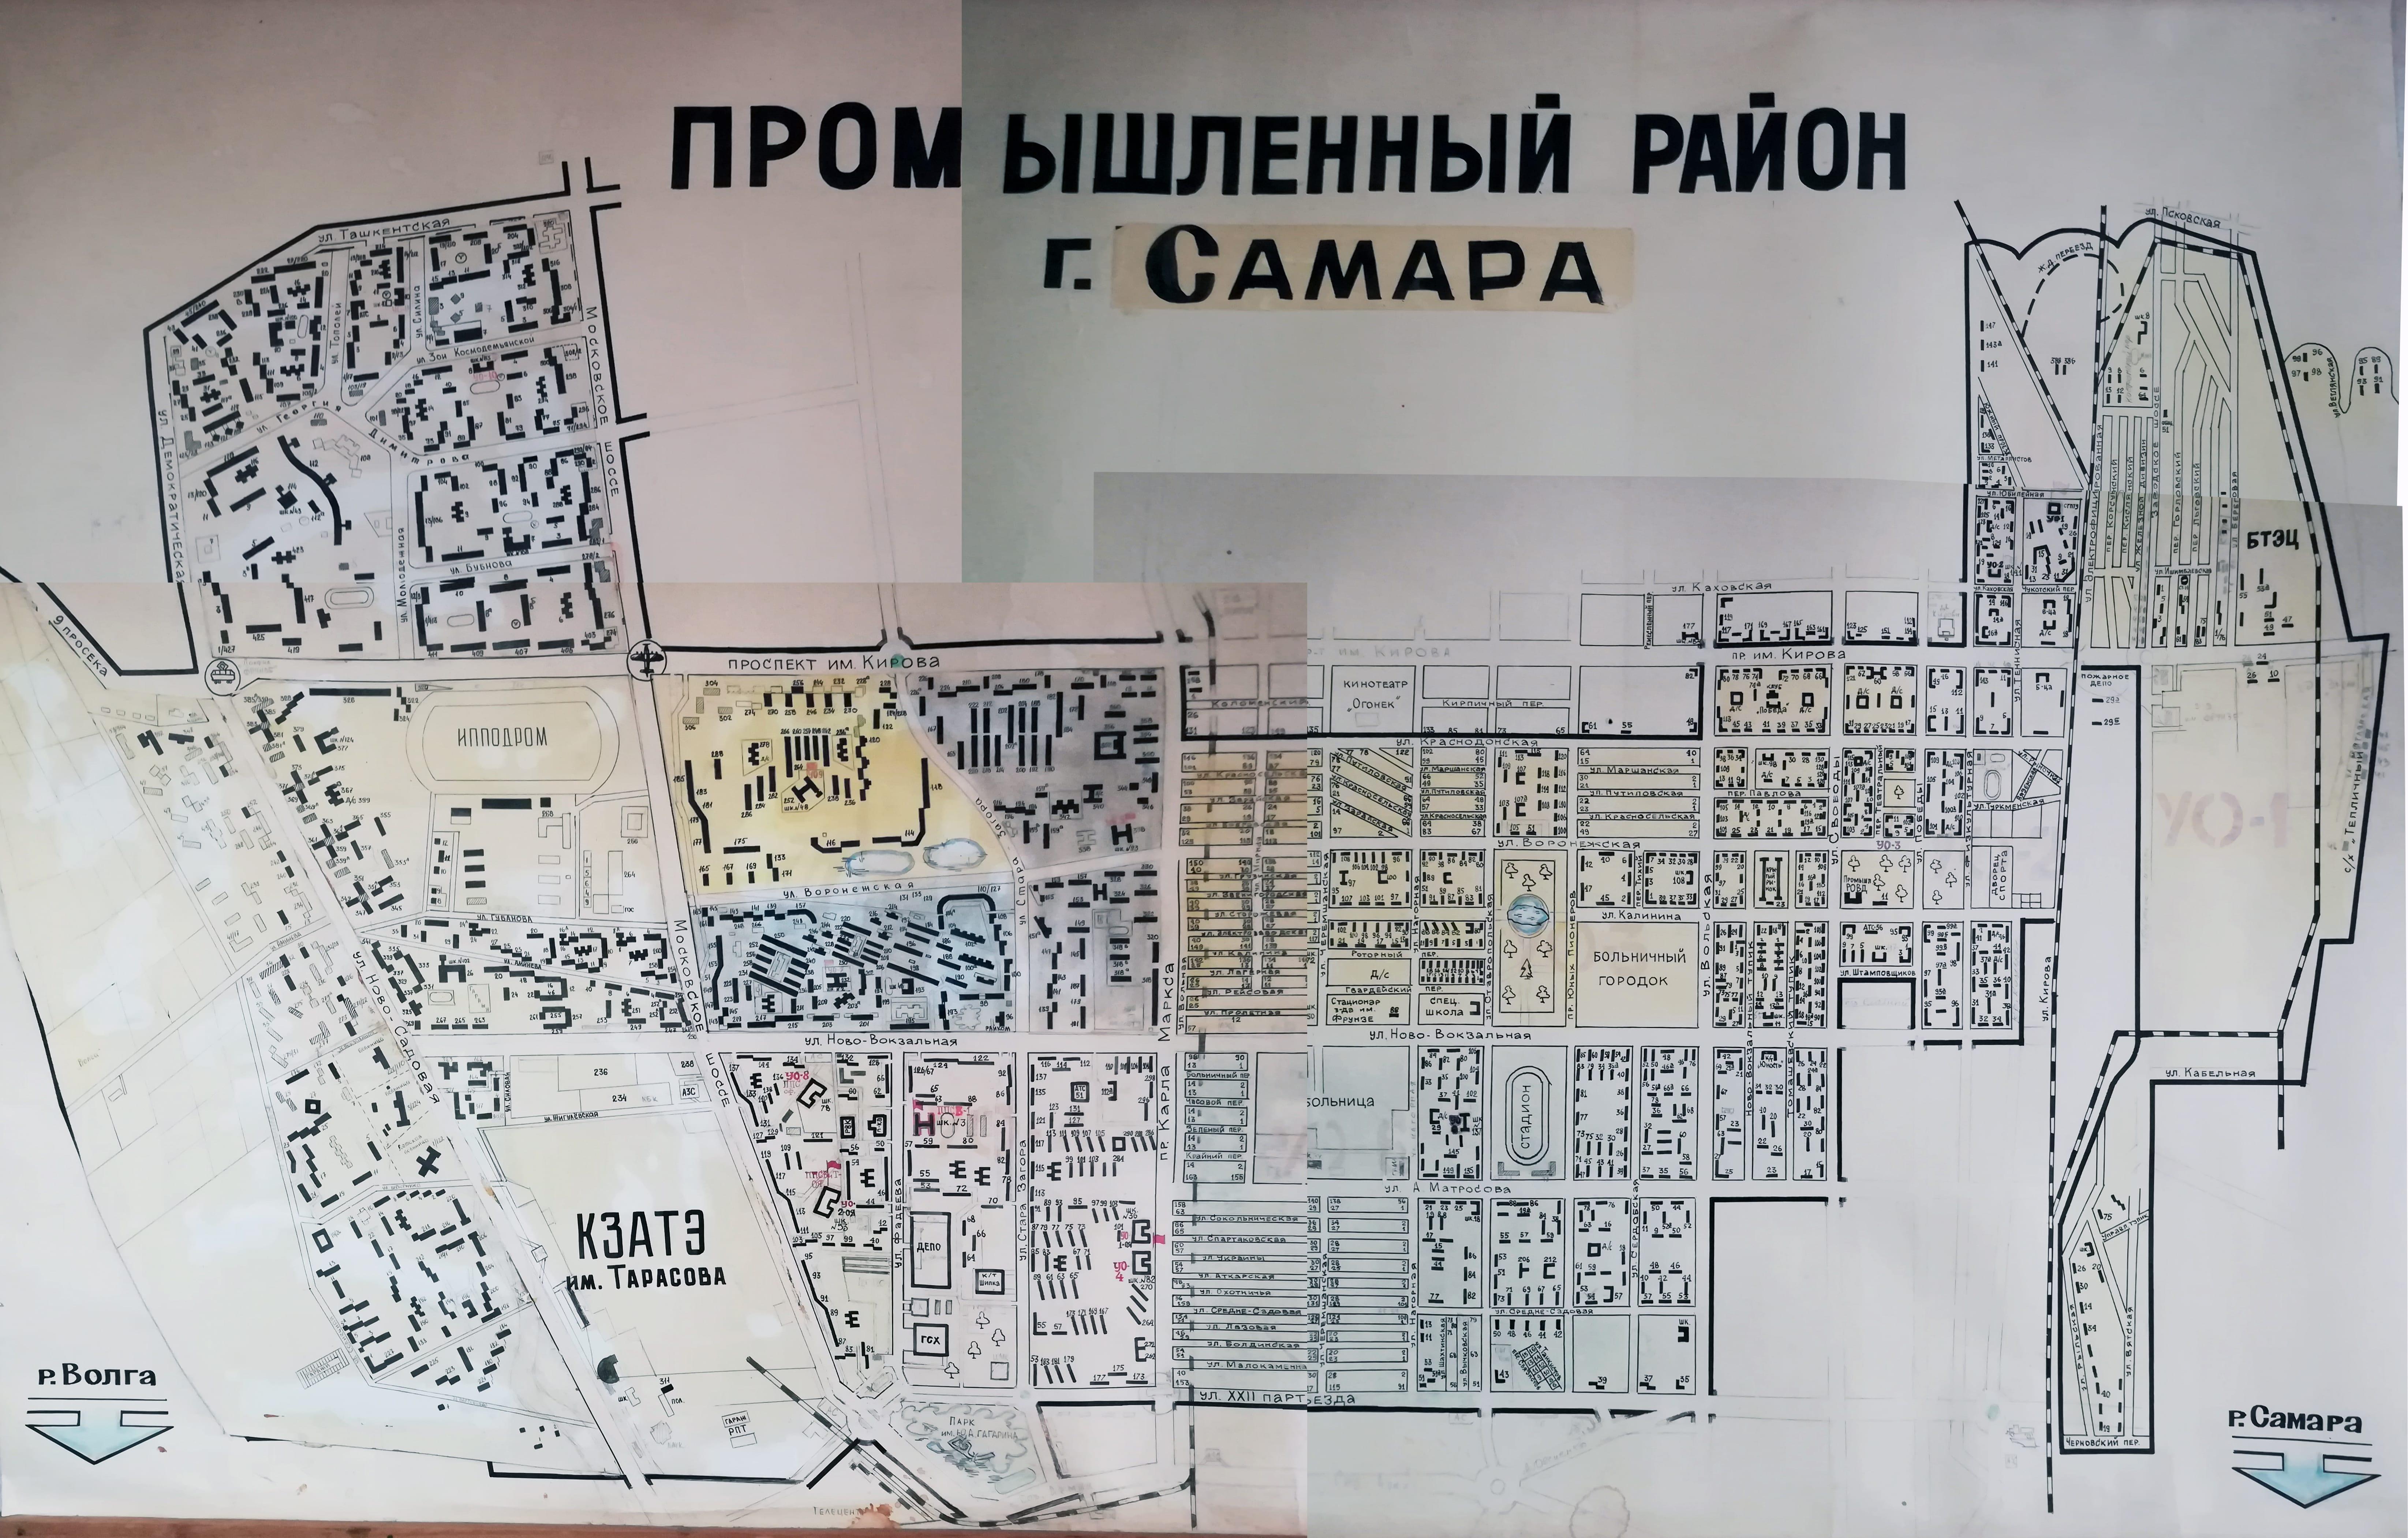 Карта Промышленного района Самары